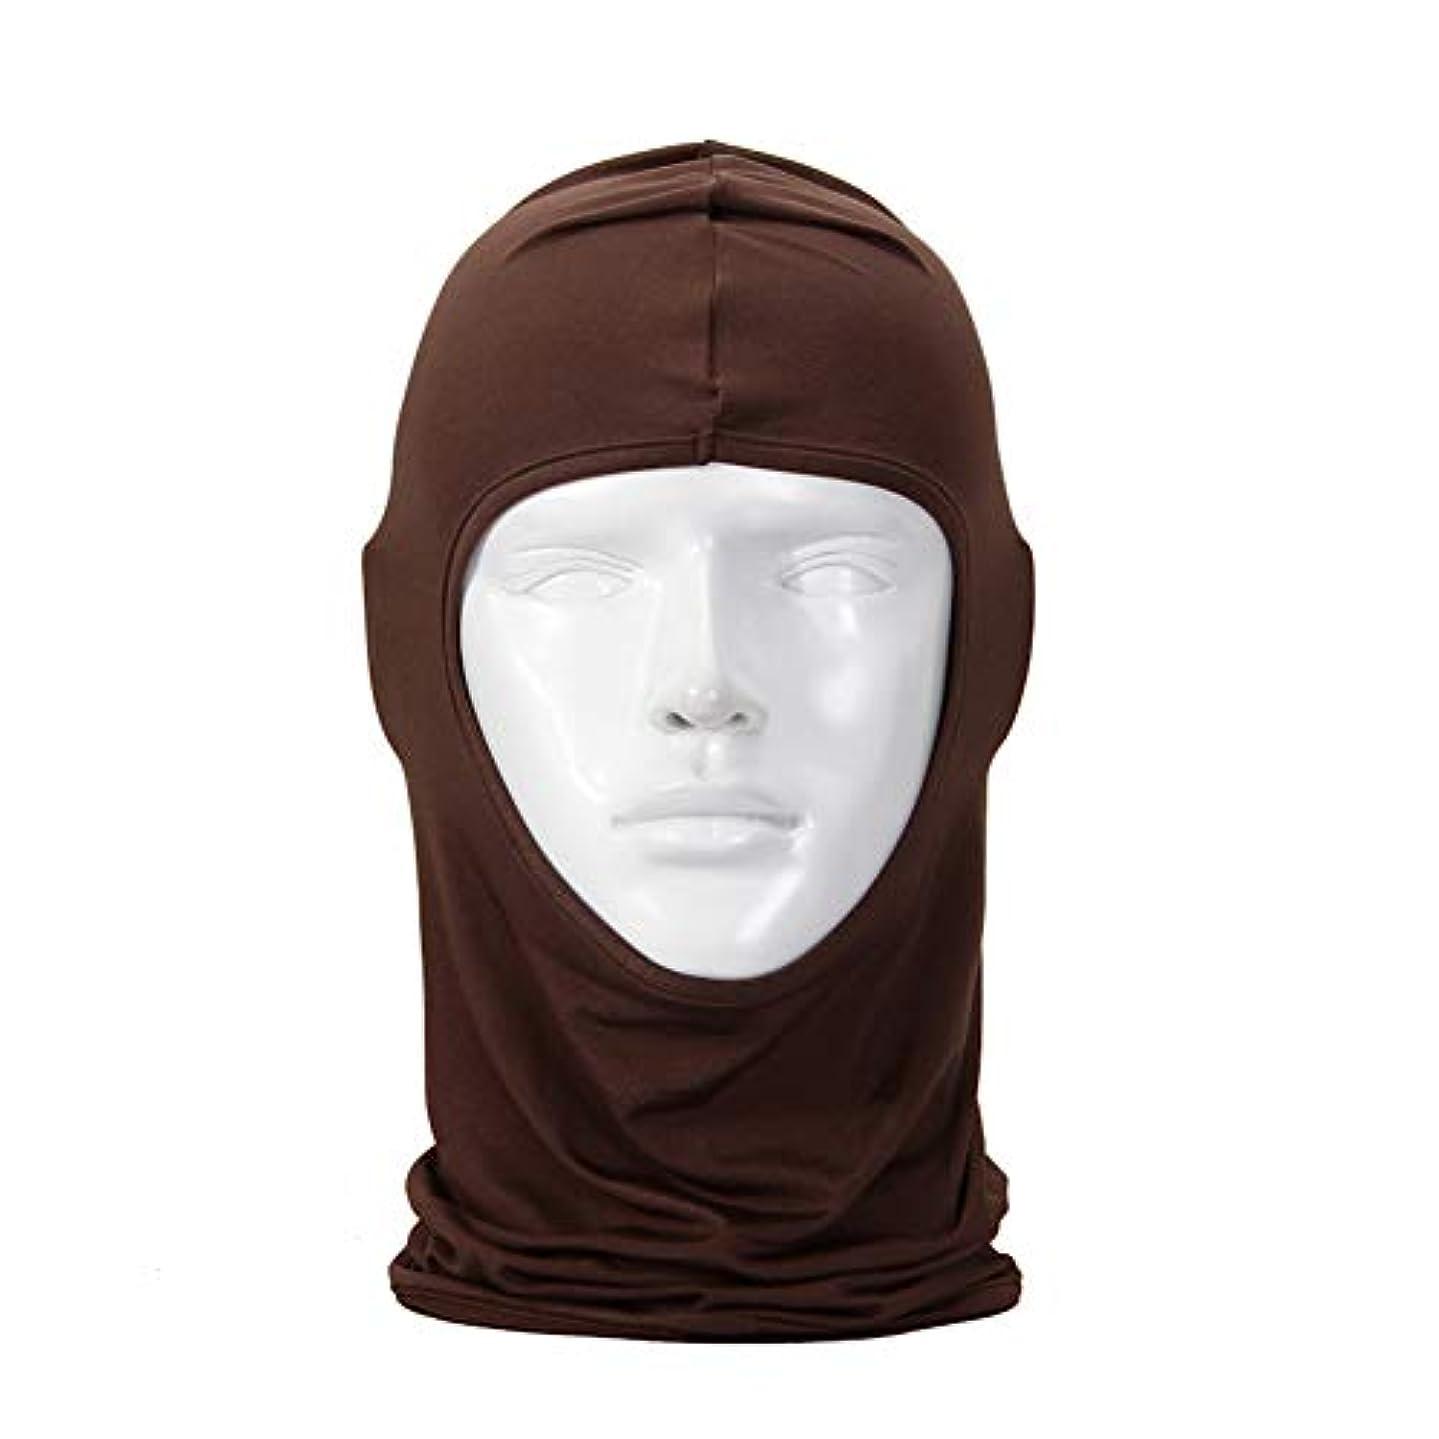 モック法王ジョブマスクライディングオートバイ自転車屋外フードスカーフ男性と女性の顔マスクマスク防塵